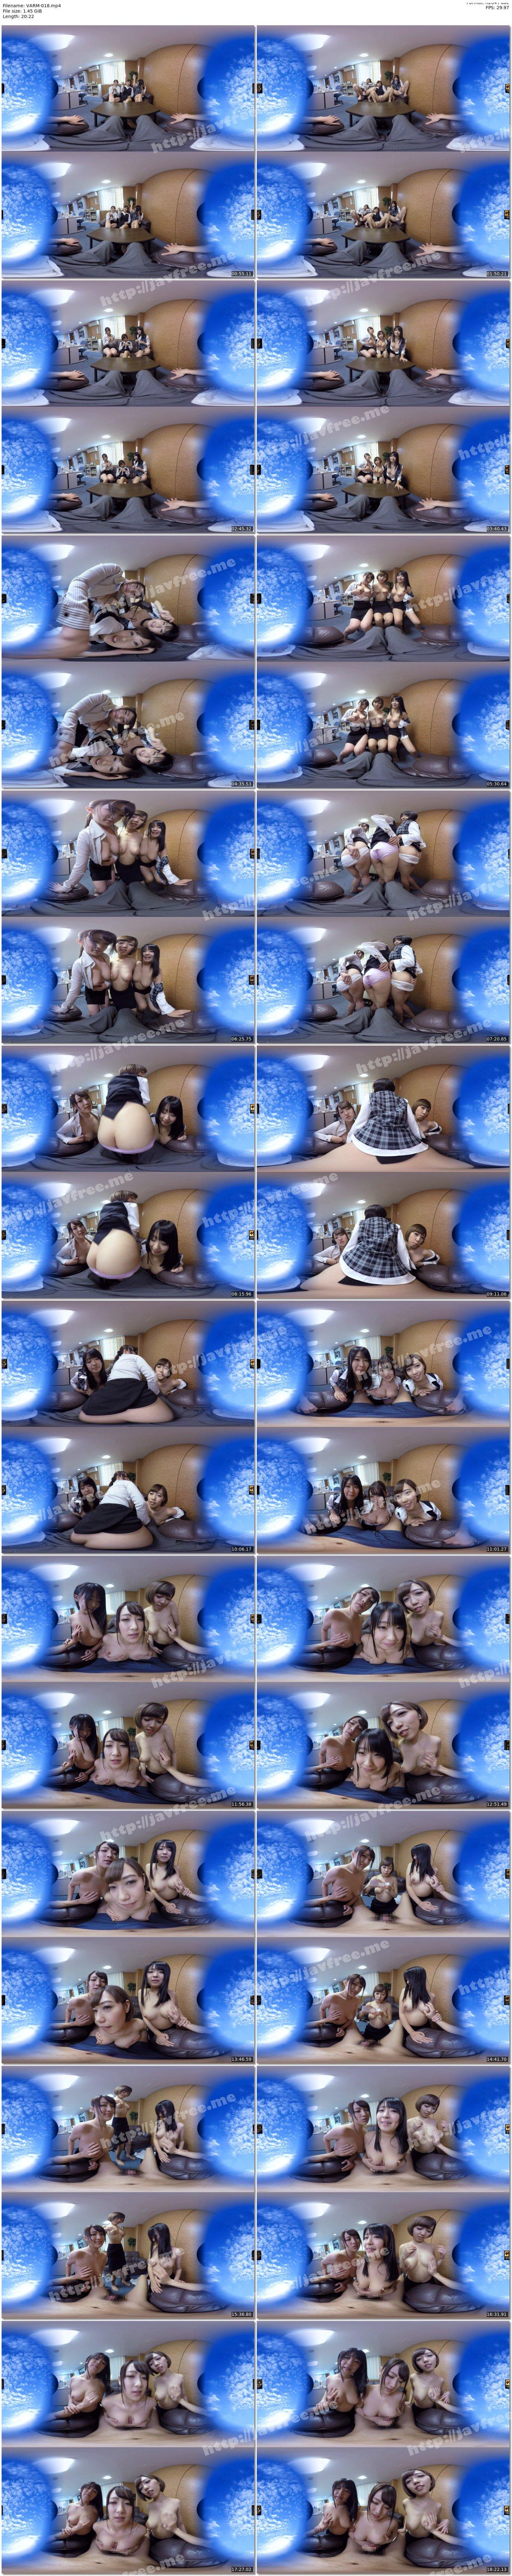 [VARM-018] 【VR】ハチャメチャOL総務部巨乳3課【後編】 - image VARM-018 on https://javfree.me